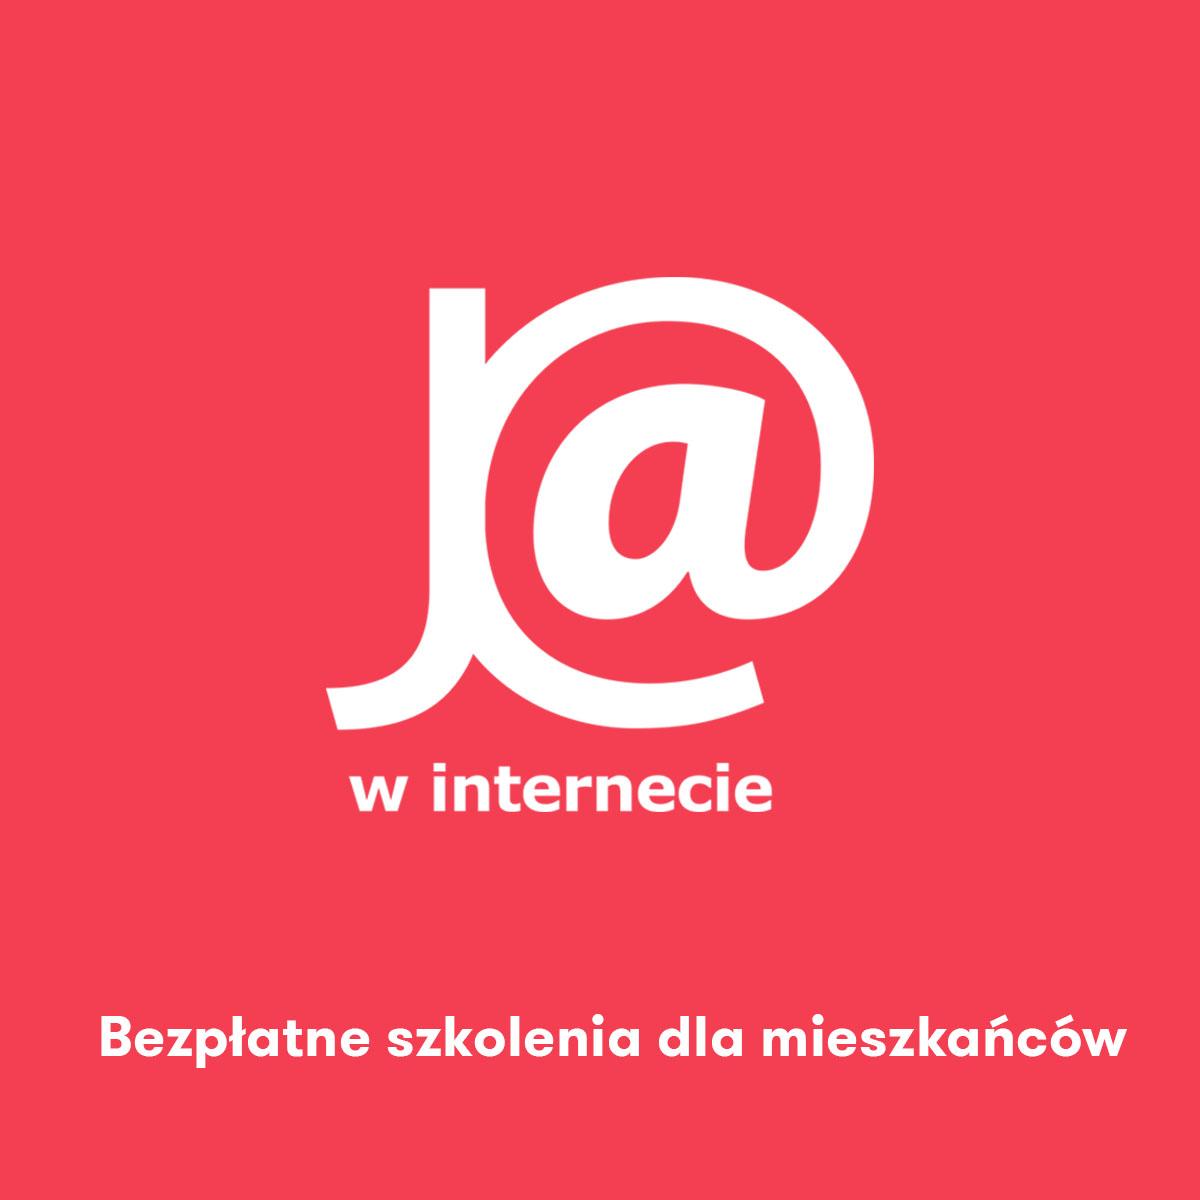 internet - Fundacja Legalna Kultura